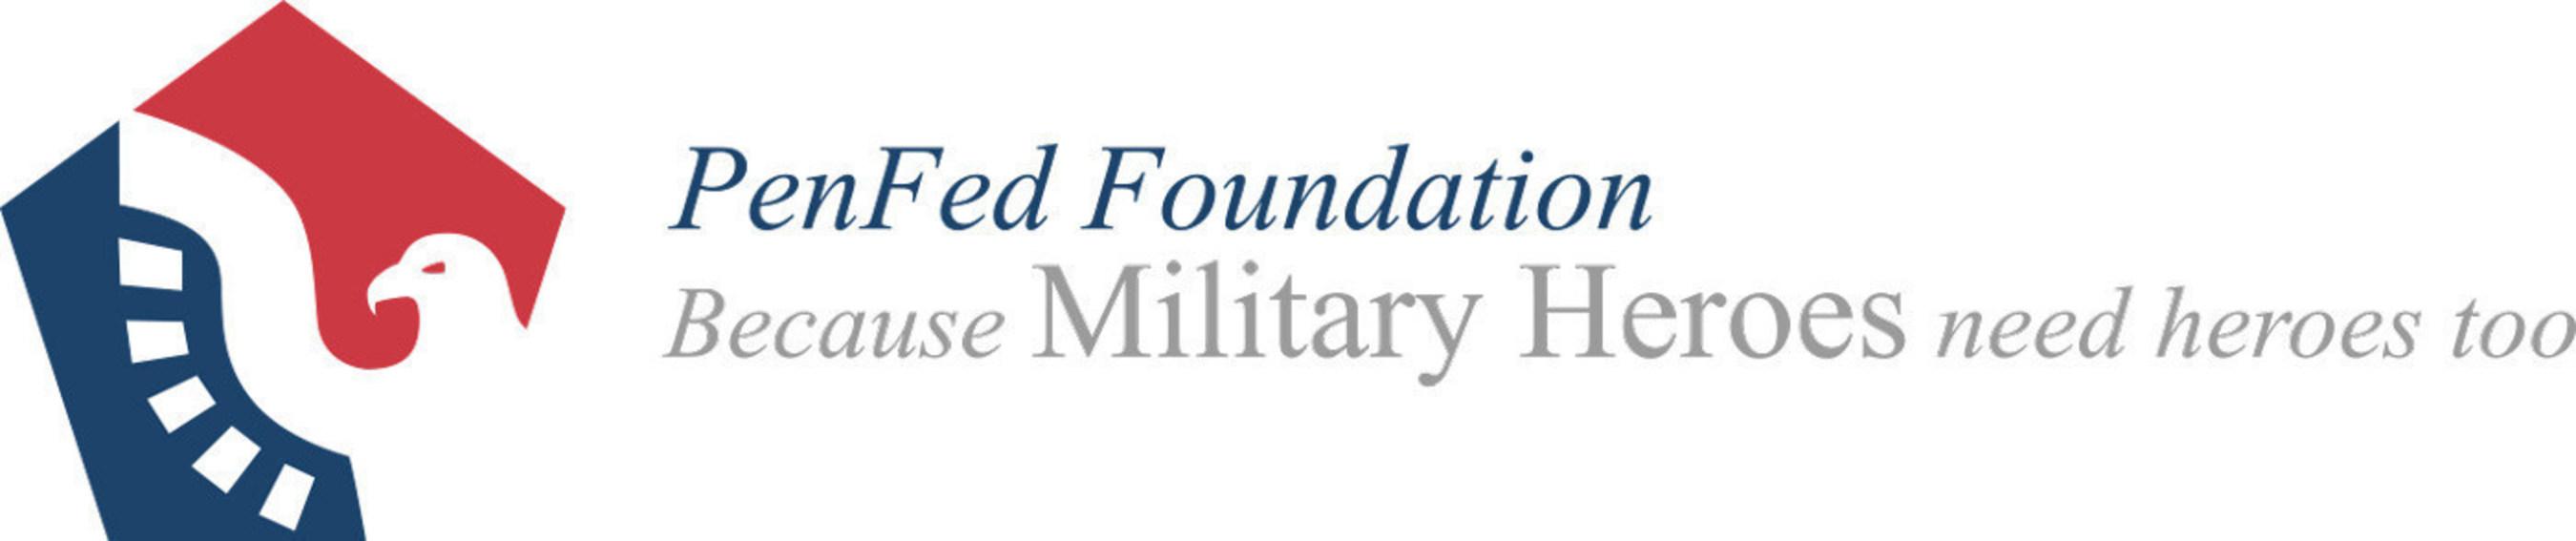 PenFed Foundation Logo